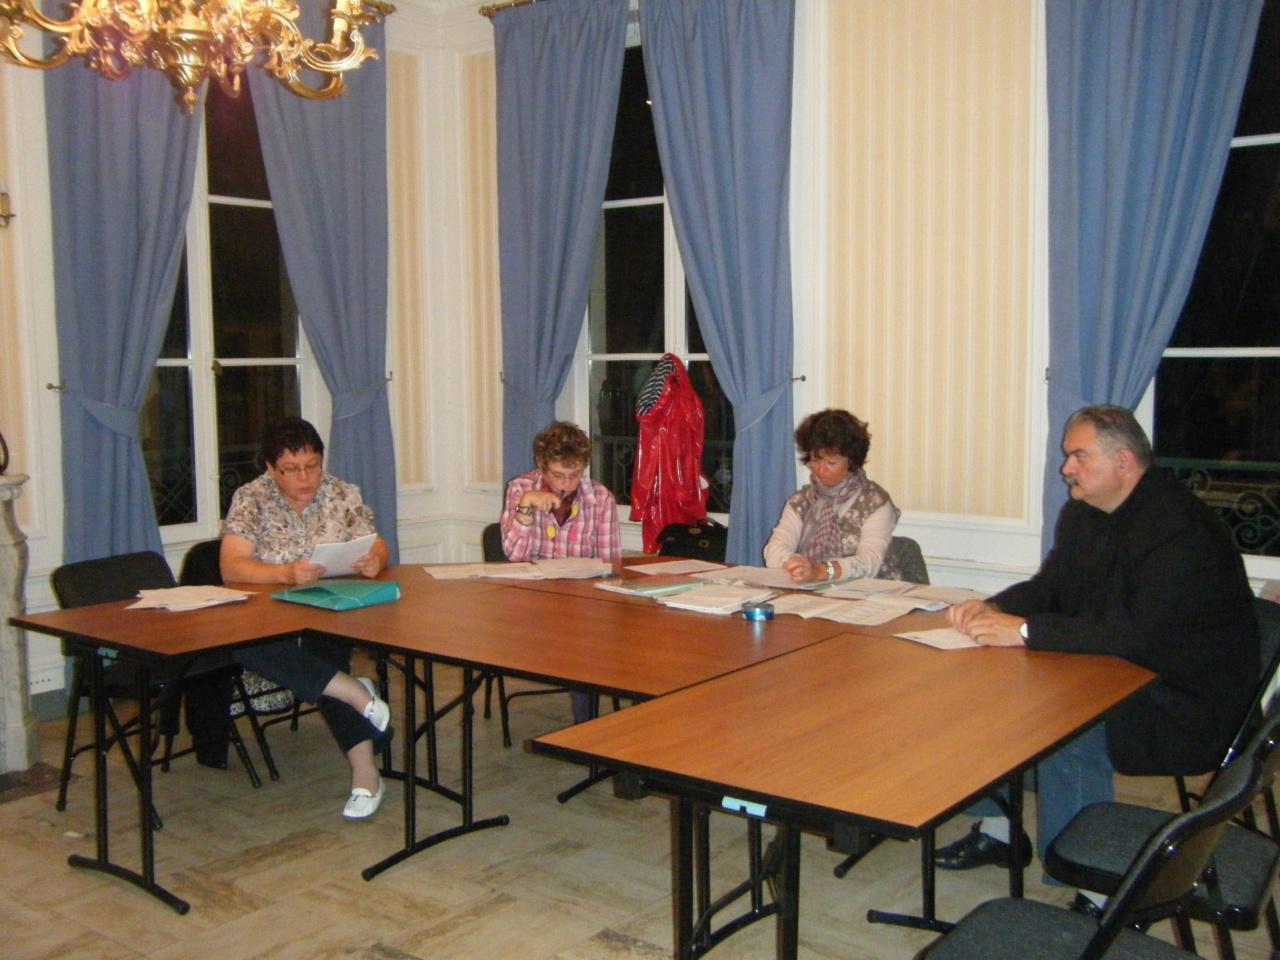 Notre comité de direction ouvre la séance...